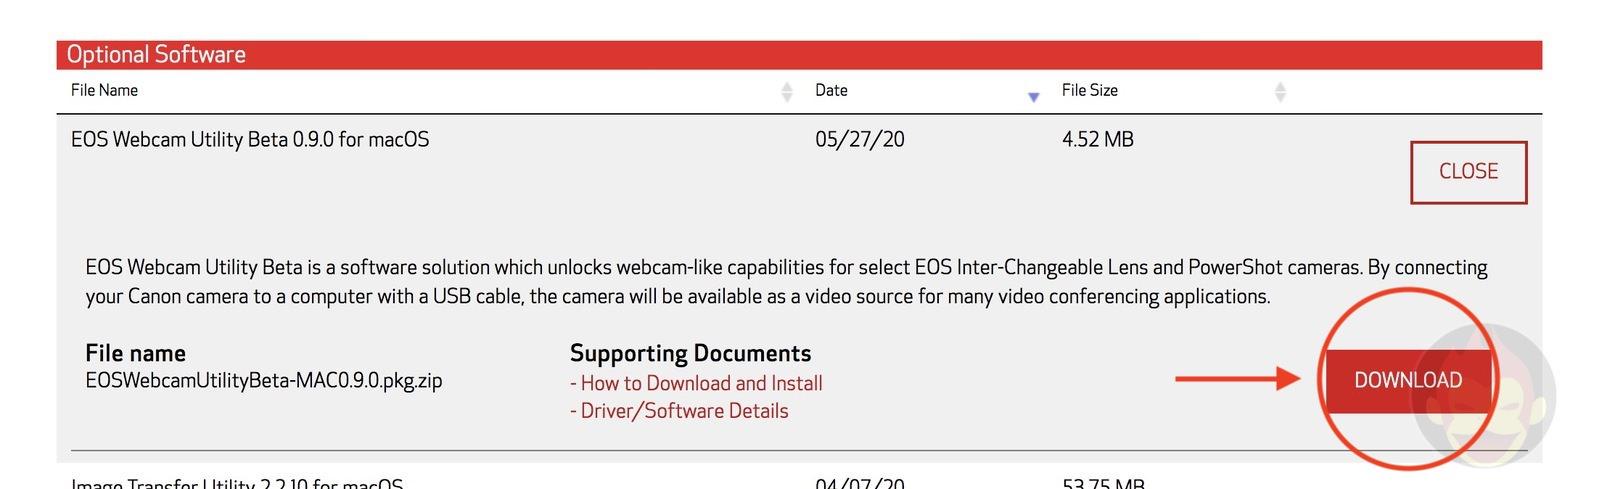 EOS Camera Utility Beta for Mac macOS 03